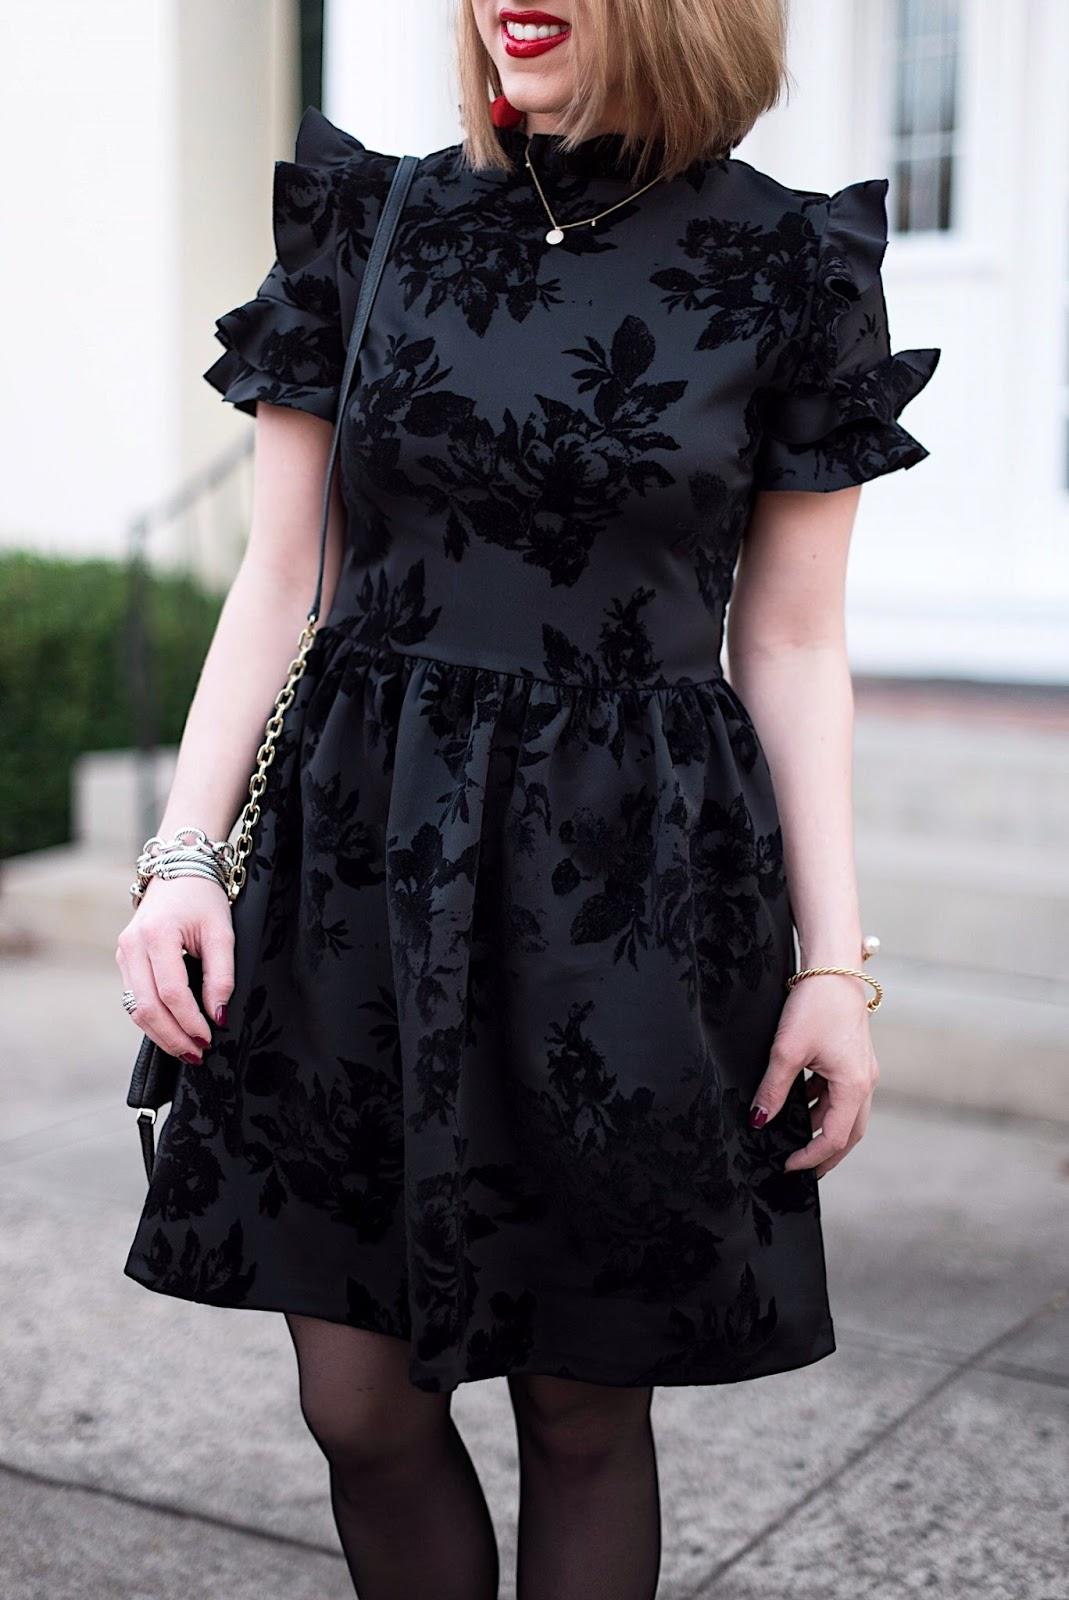 Black Velvet Dress - Something Delightful Blog